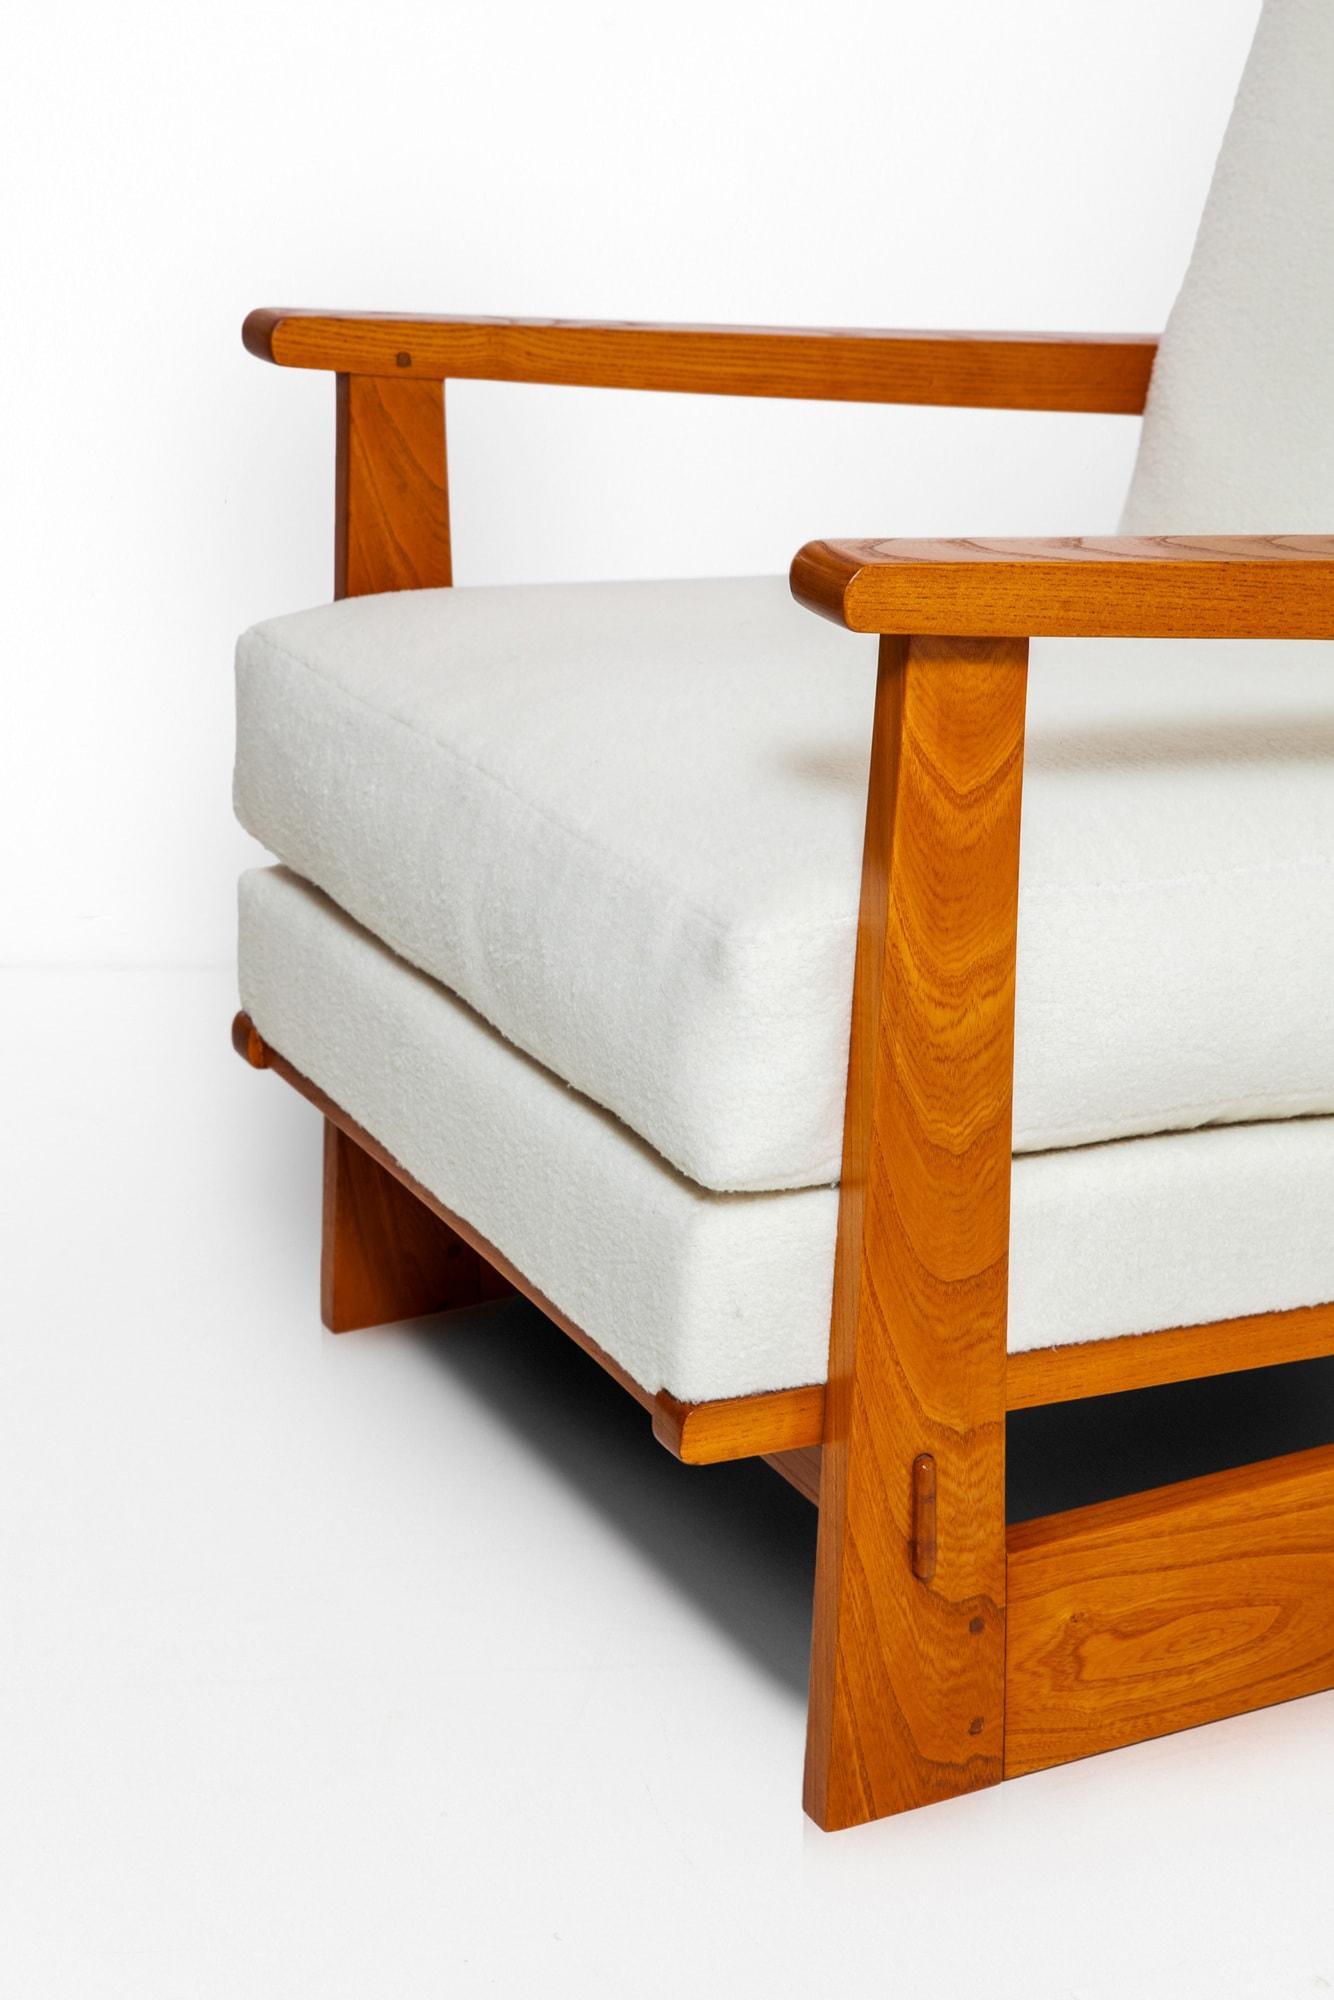 Maxime Old, Paire de fauteuils modernistes, vue 02